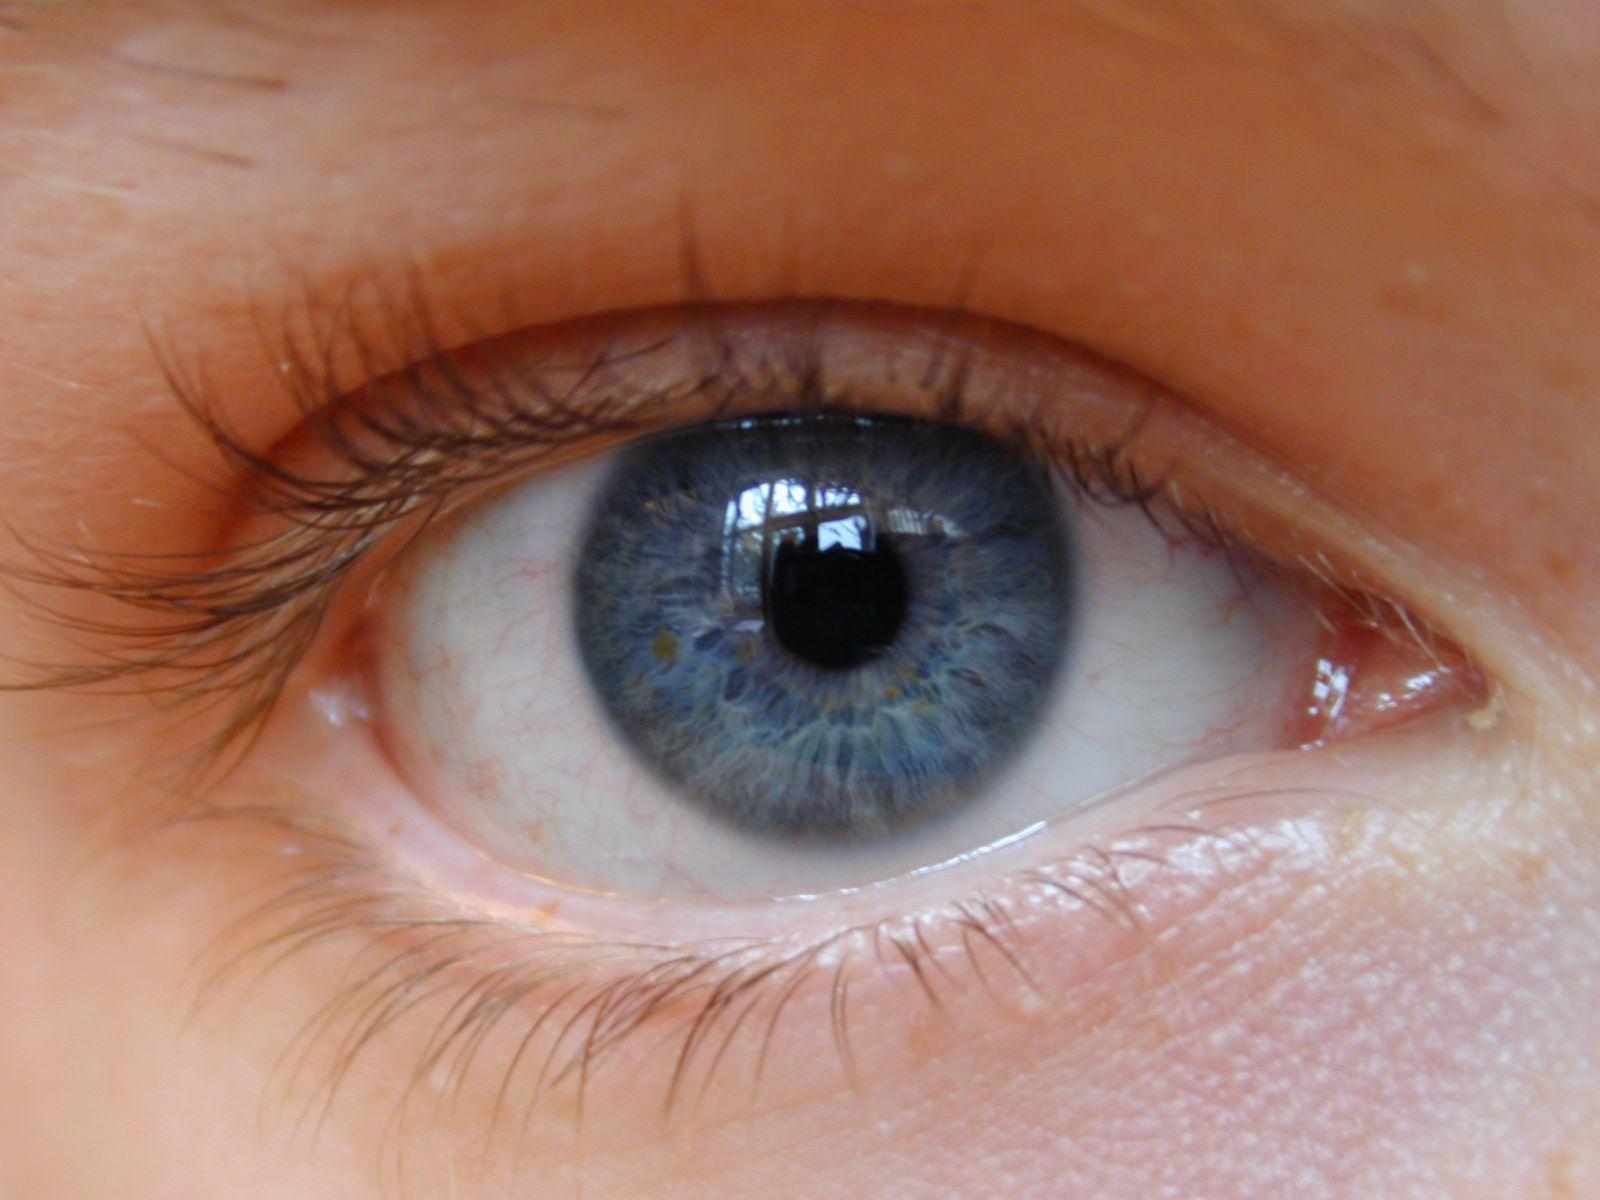 http://2.bp.blogspot.com/_OhTmNC7_sCU/TFga5TSaffI/AAAAAAAAACA/ssW9i5aM7g4/s1600/eye.jpg